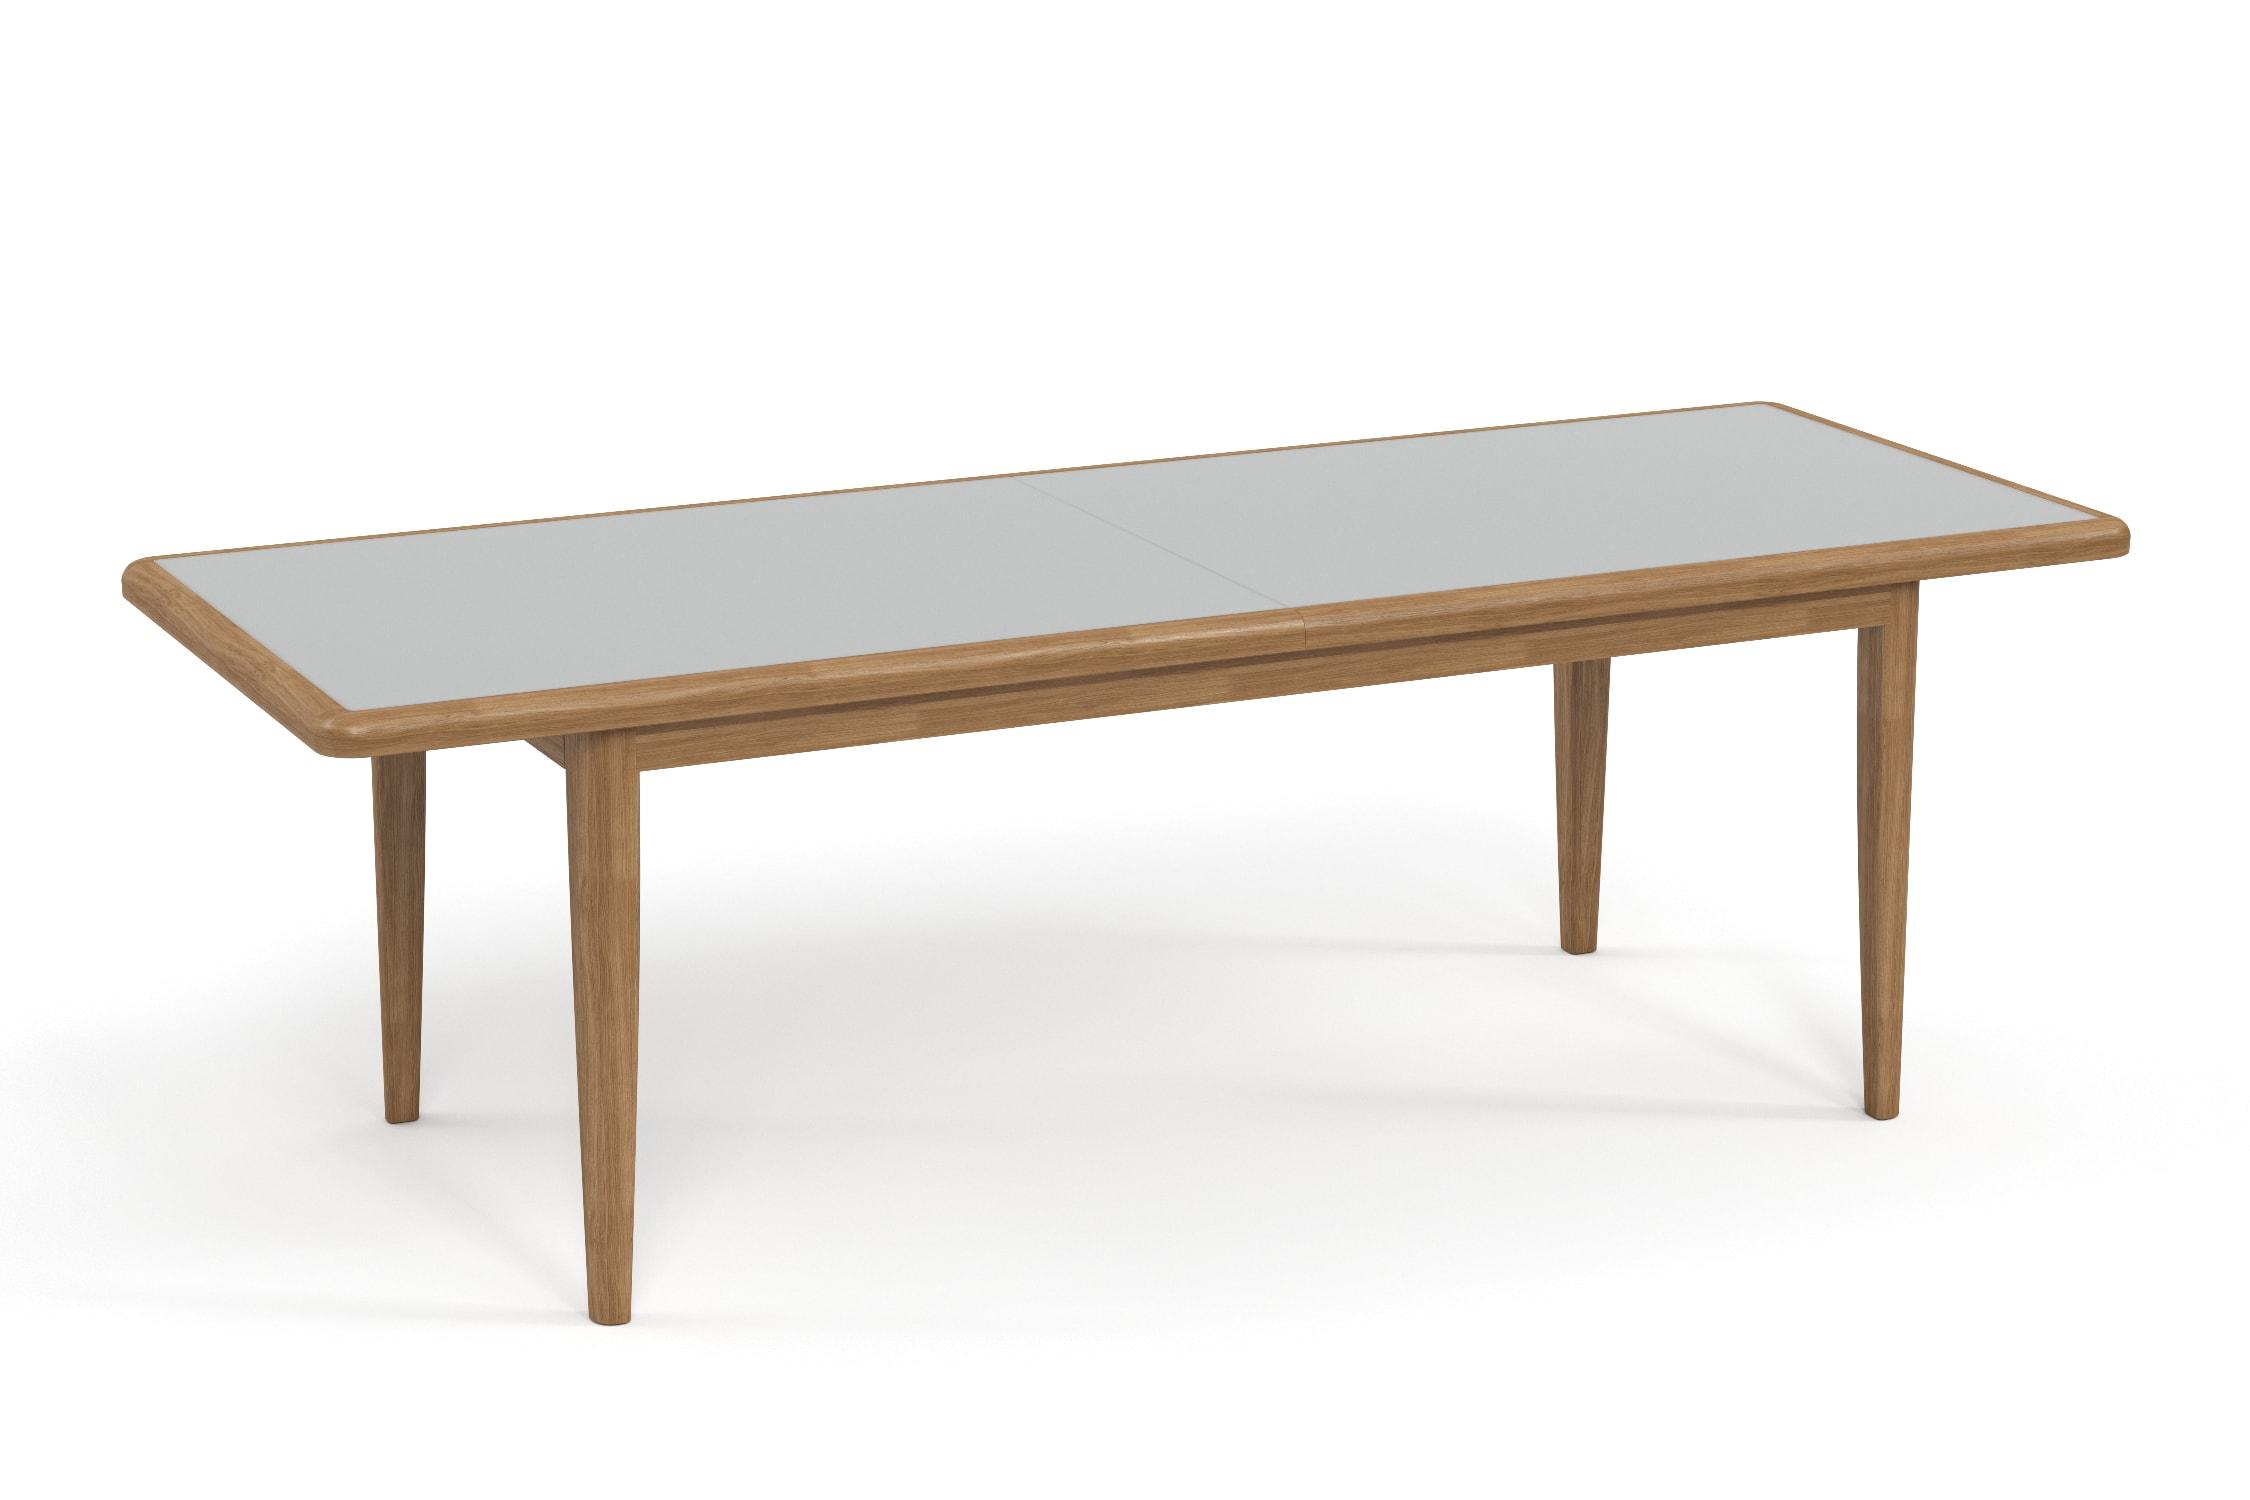 Стол обеденный SeagullСтолы и столики для сада<br>&amp;lt;div&amp;gt;Коллекция SEAGULL – воплощение природной простоты и естественного совершенства. Мебель привлекает тёплыми тонами, уникальностью материала и идеальными пропорциями. Стеклянные столешницы обеденных и журнальных столов по цвету гармонируют с тканью подушек, удобные диваны и «утопающие» кресла дарят ощущения спокойствия и комфорта.&amp;amp;nbsp;&amp;lt;/div&amp;gt;&amp;lt;div&amp;gt;&amp;lt;br&amp;gt;&amp;lt;/div&amp;gt;&amp;lt;div&amp;gt;Тик – прочная и твердая древесина, относится к ценным породам. Имеет темно-золотистый цвет и сохраняет его на протяжении очень длительного срока. Со временем приобретает благородный темно-серый или темно-коричневый цвет. Благодаря высокому содержанию природных масел, обладает высокой стойкостью против гниения, кислот и щелочей, не вызывает коррозию металлов. Тик содержит кислоты кремния и танина, придающие материалу стойкость к воздействию вредных внешних факторов. Древесина тика не подвержена воздействию термитов, не требует дополнительной антибактериальной обработки. Мебель из тика допускает круглогодичную эксплуатацию на открытом воздухе, выдерживает перепады температур от –30 до +30С. Срок службы более 25 лет.&amp;amp;nbsp;&amp;lt;/div&amp;gt;&amp;lt;div&amp;gt;&amp;lt;br&amp;gt;&amp;lt;/div&amp;gt;&amp;lt;div&amp;gt;Вся фурнитура изготовлена из нержавеющей стали на собственном производстве.&amp;amp;nbsp;&amp;lt;/div&amp;gt;&amp;lt;div&amp;gt;&amp;lt;br&amp;gt;&amp;lt;/div&amp;gt;<br><br>&amp;lt;iframe width=&amp;quot;530&amp;quot; height=&amp;quot;300&amp;quot; src=&amp;quot;https://www.youtube.com/embed/uL9Kujh07kc&amp;quot; frameborder=&amp;quot;0&amp;quot; allowfullscreen=&amp;quot;&amp;quot;&amp;gt;&amp;lt;/iframe&amp;gt;<br><br>Material: Тик<br>Ширина см: 90<br>Высота см: 77<br>Глубина см: 220